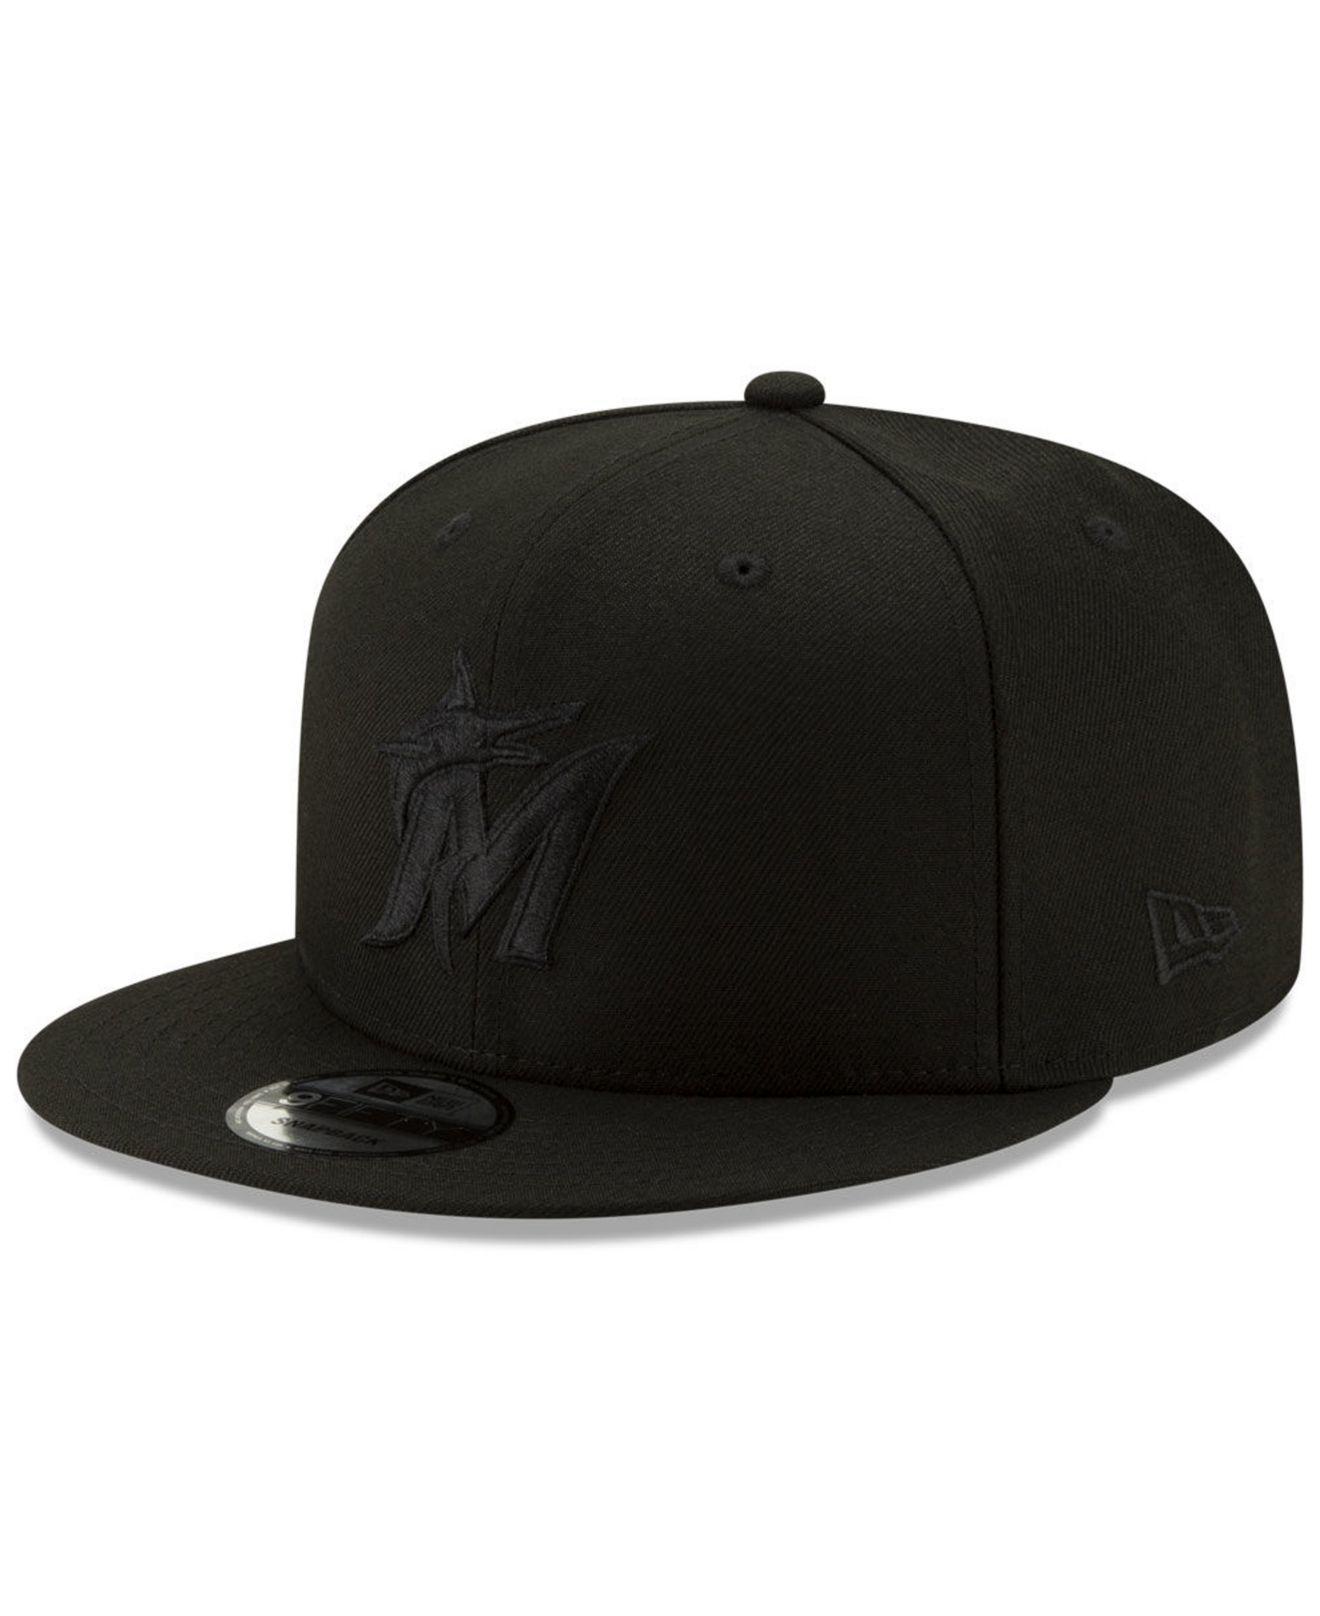 Lyst - Ktz Miami Marlins Triple Black 9fifty Snapback Cap in Black ... b7d6b088ae87